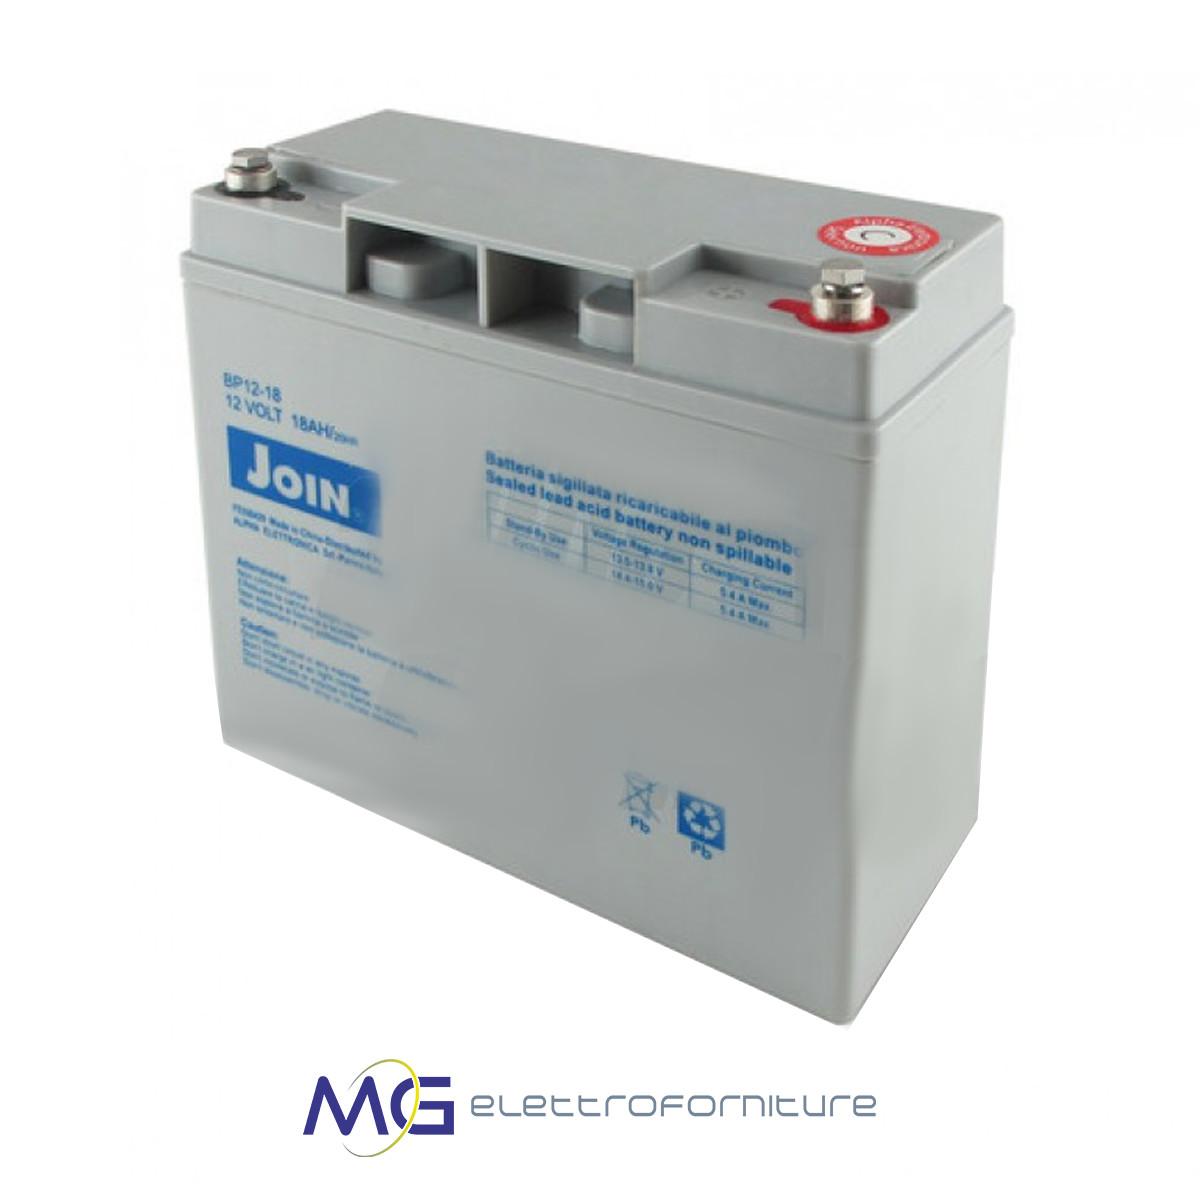 Alpha_elettronica_batteria_BP12-18_prezzo_migliore_MG_Elettroforniture